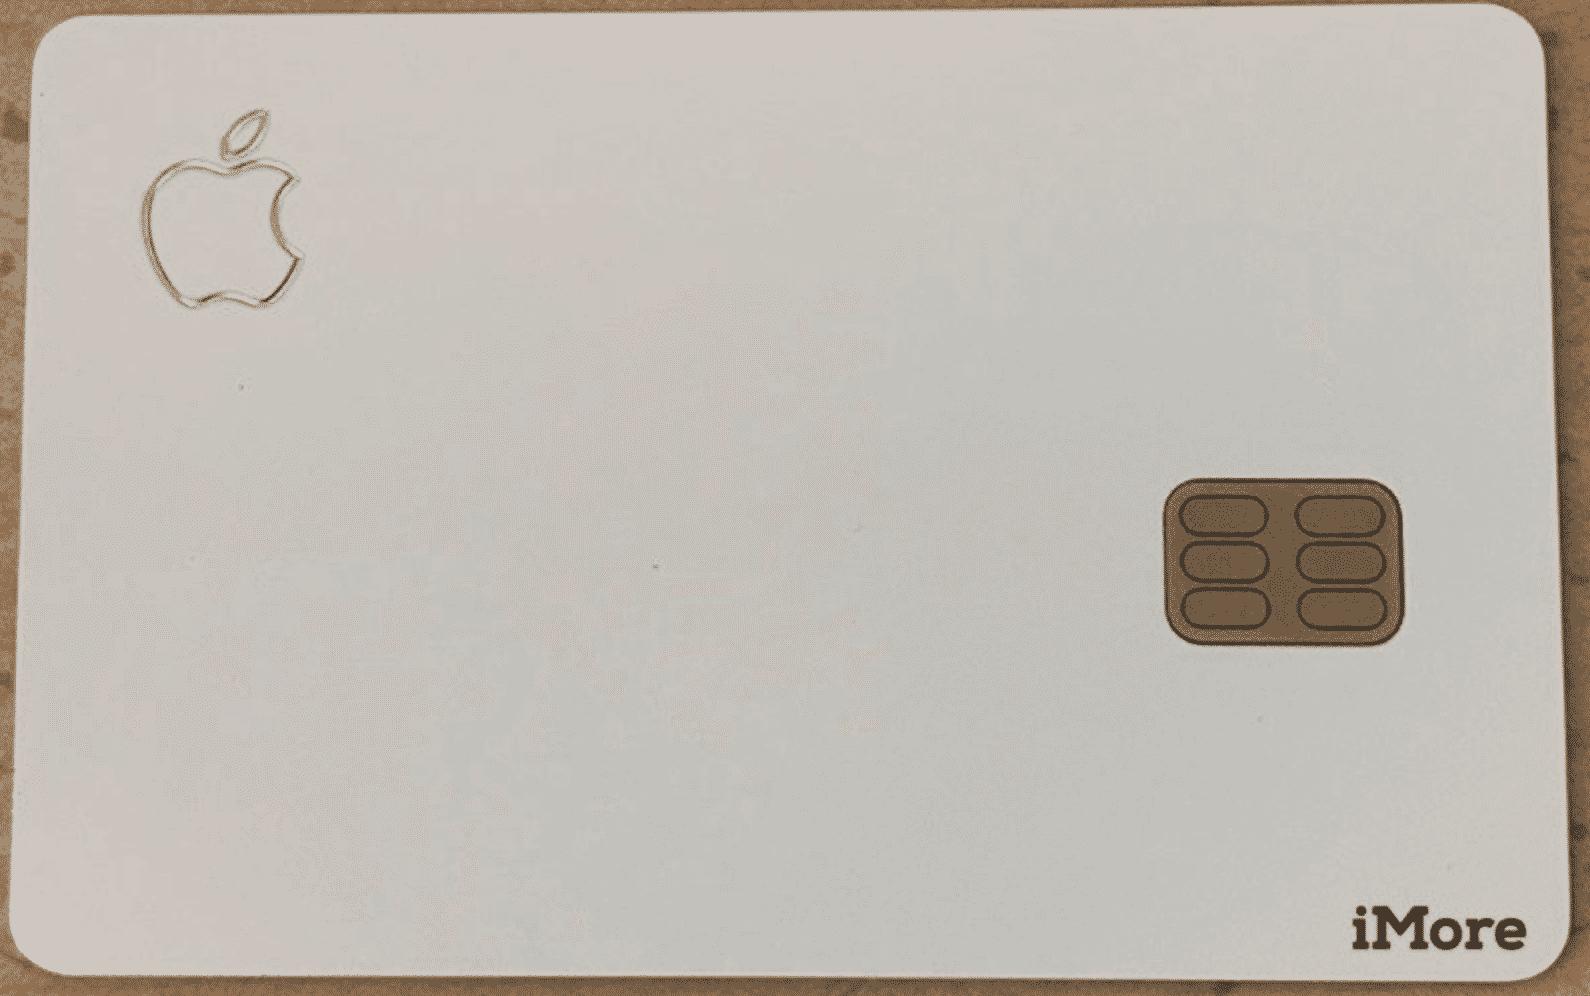 Apple Card Leaked